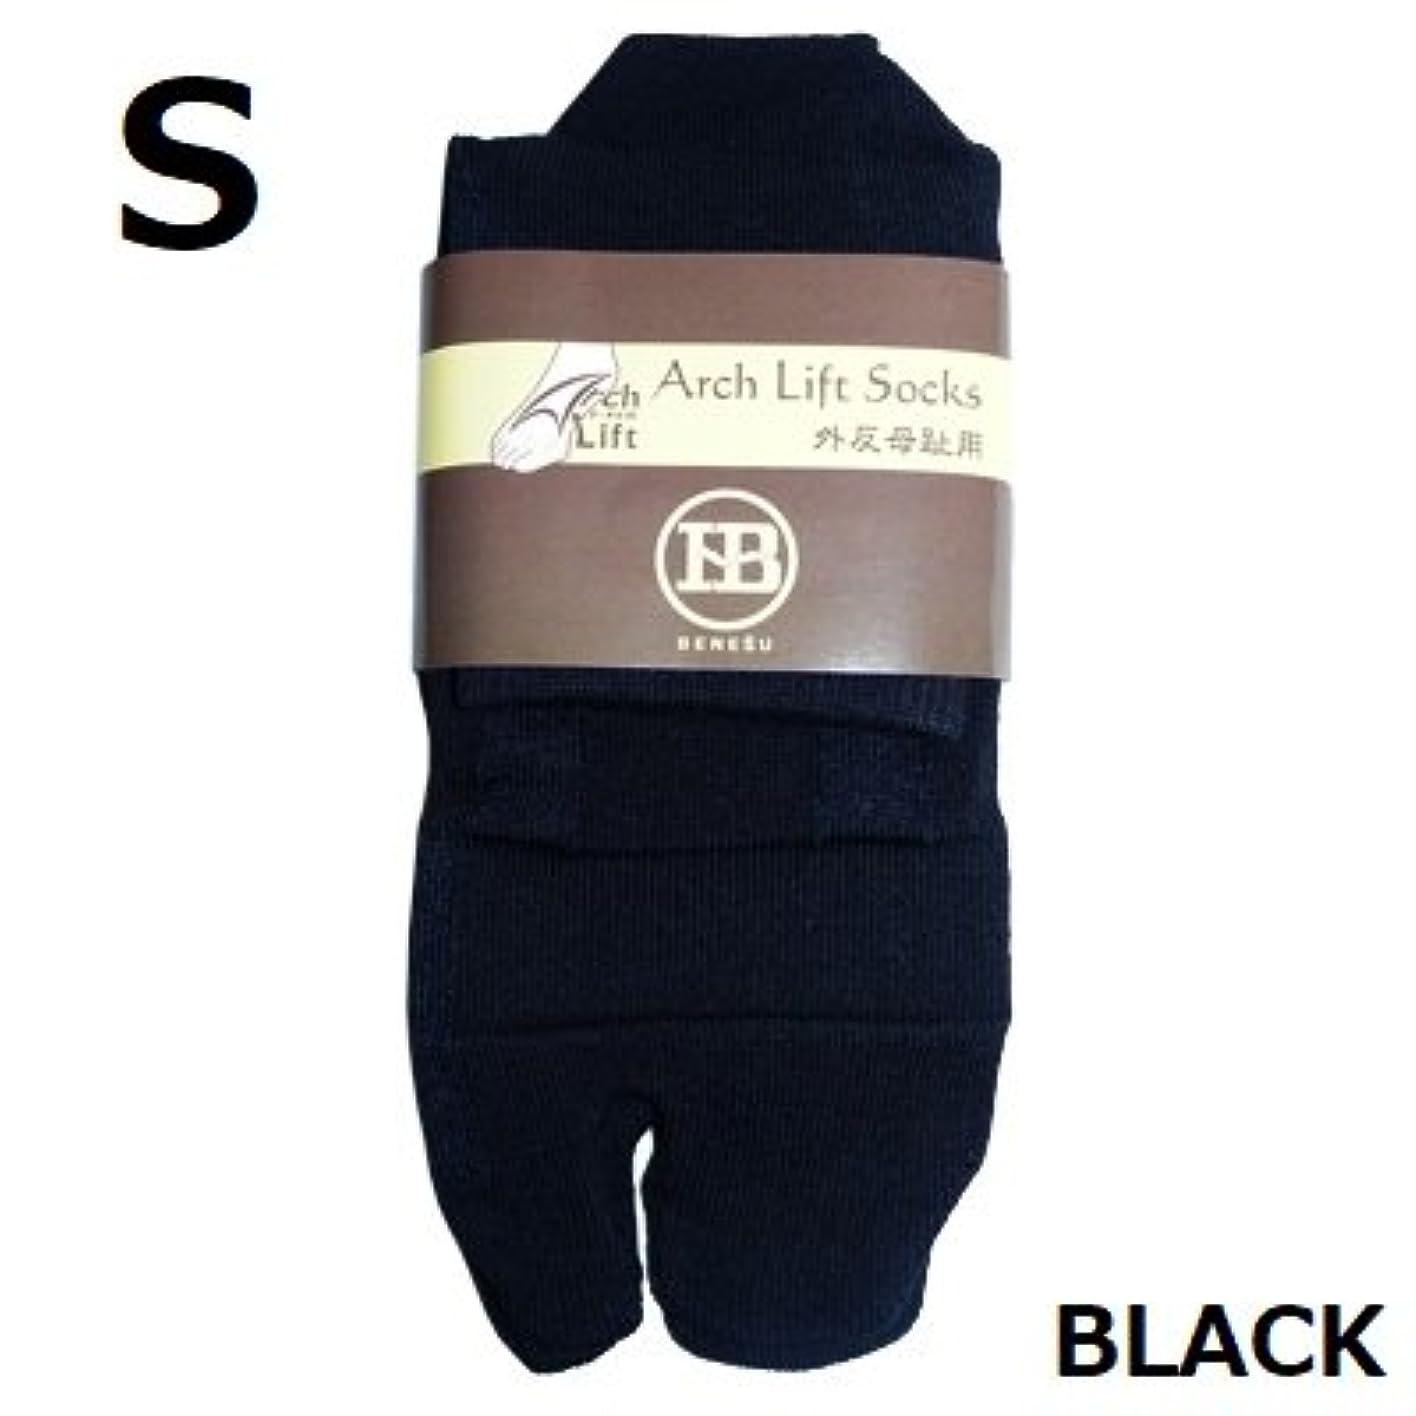 待つ突然の高度なアーチライフソックス 外反母趾 テーピング加工靴下 サポーター(カラー:黒色)(サイズ:S)